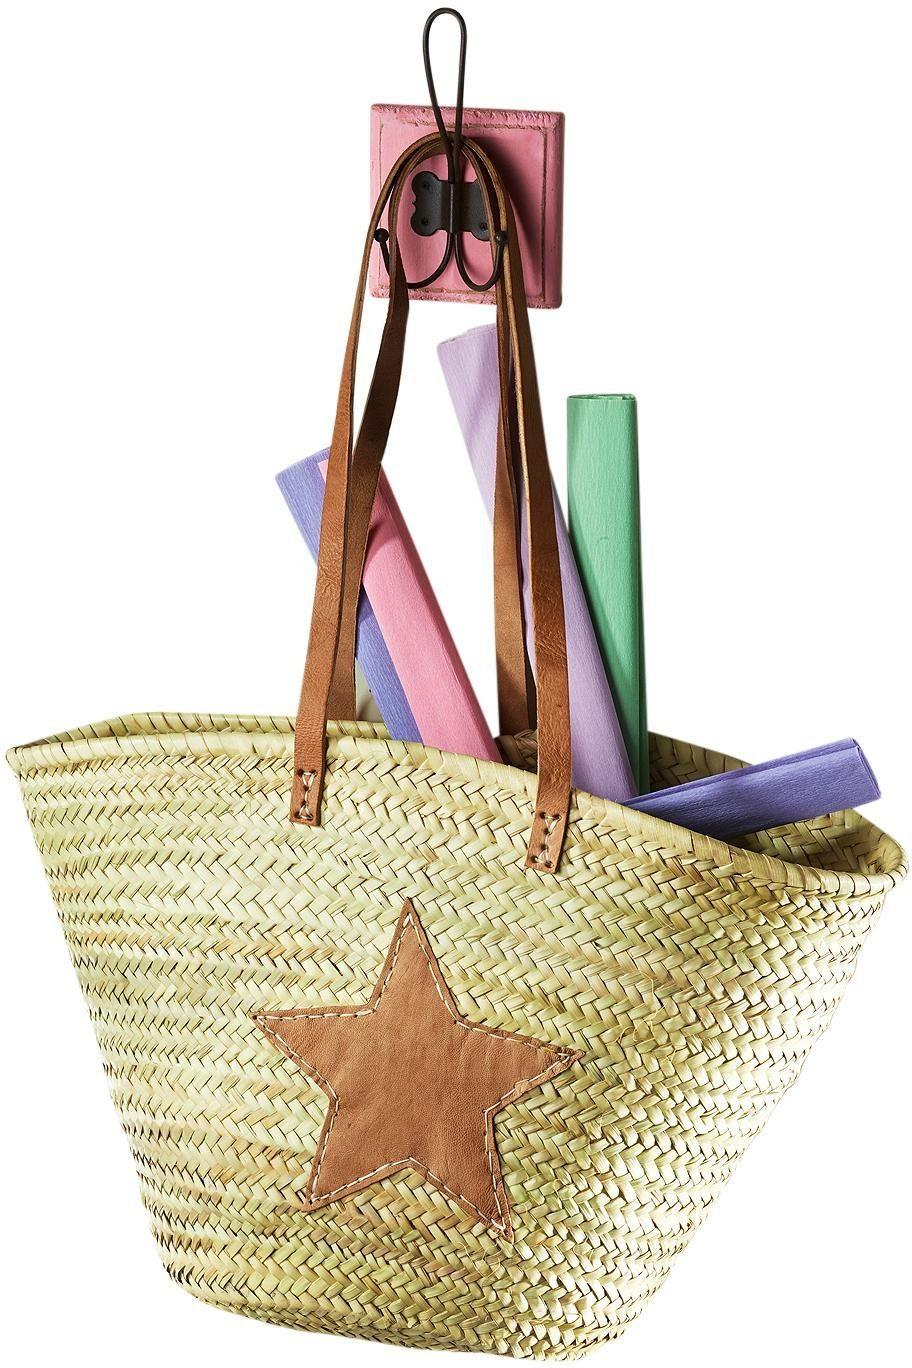 Home affaire Ibizatasche aus Palmblatt mit Echt-Lederhenkeln und Sterndeko aus Leder